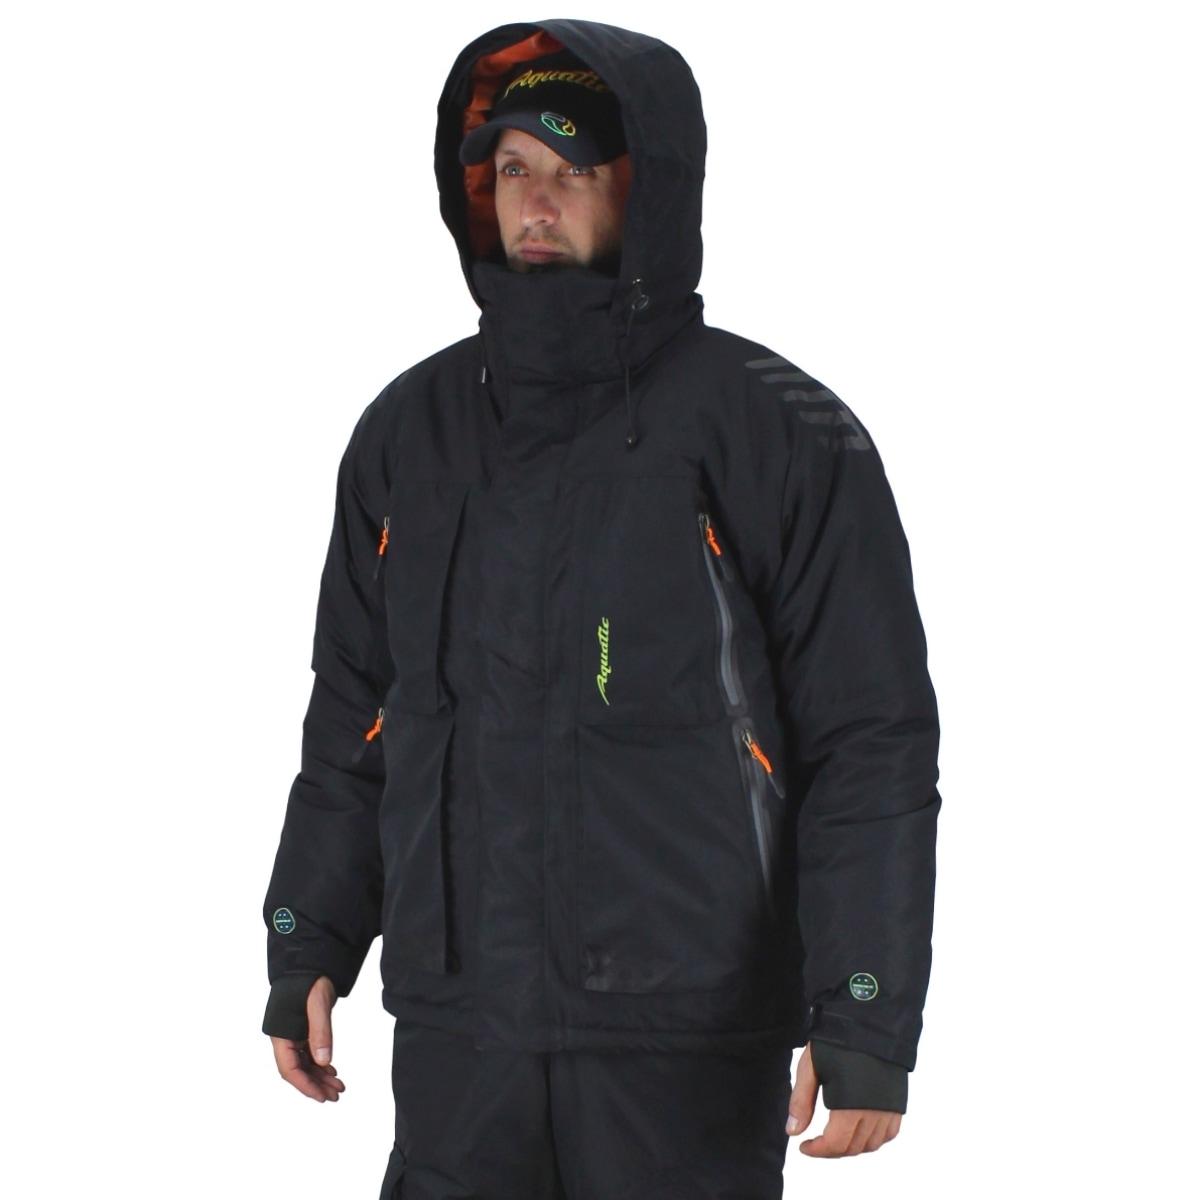 Куртка AQUATIC зимняя КК-14Ч мембрана:5000/5000